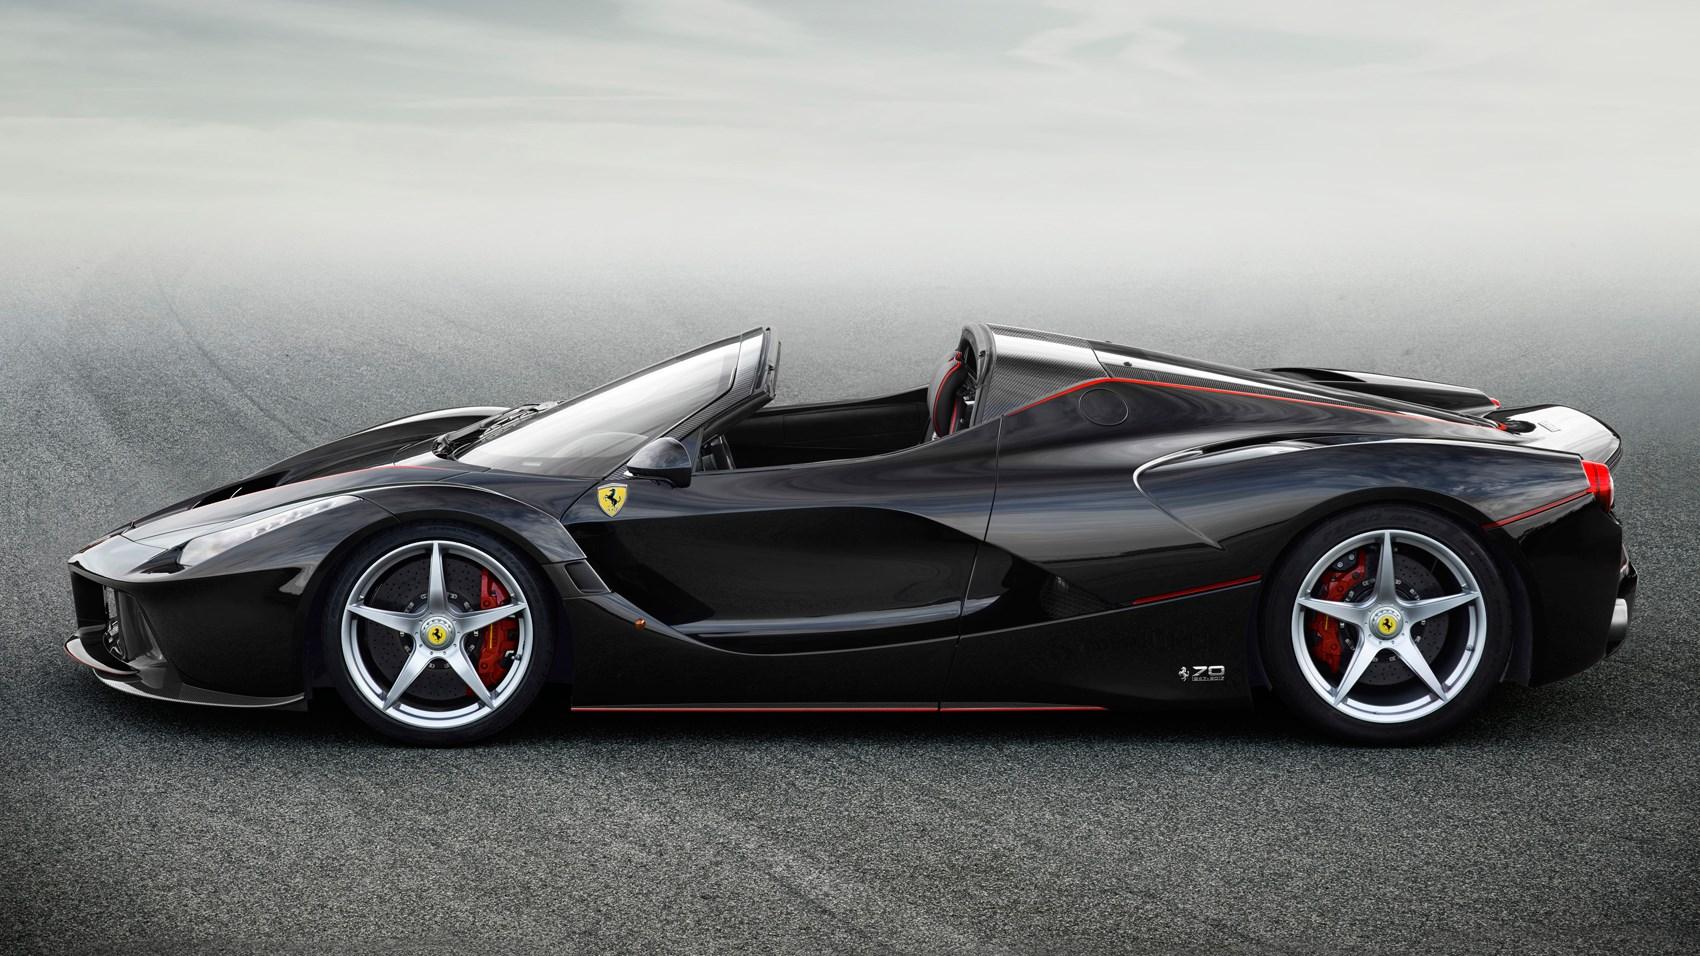 Ferrari LaFerrari Apert